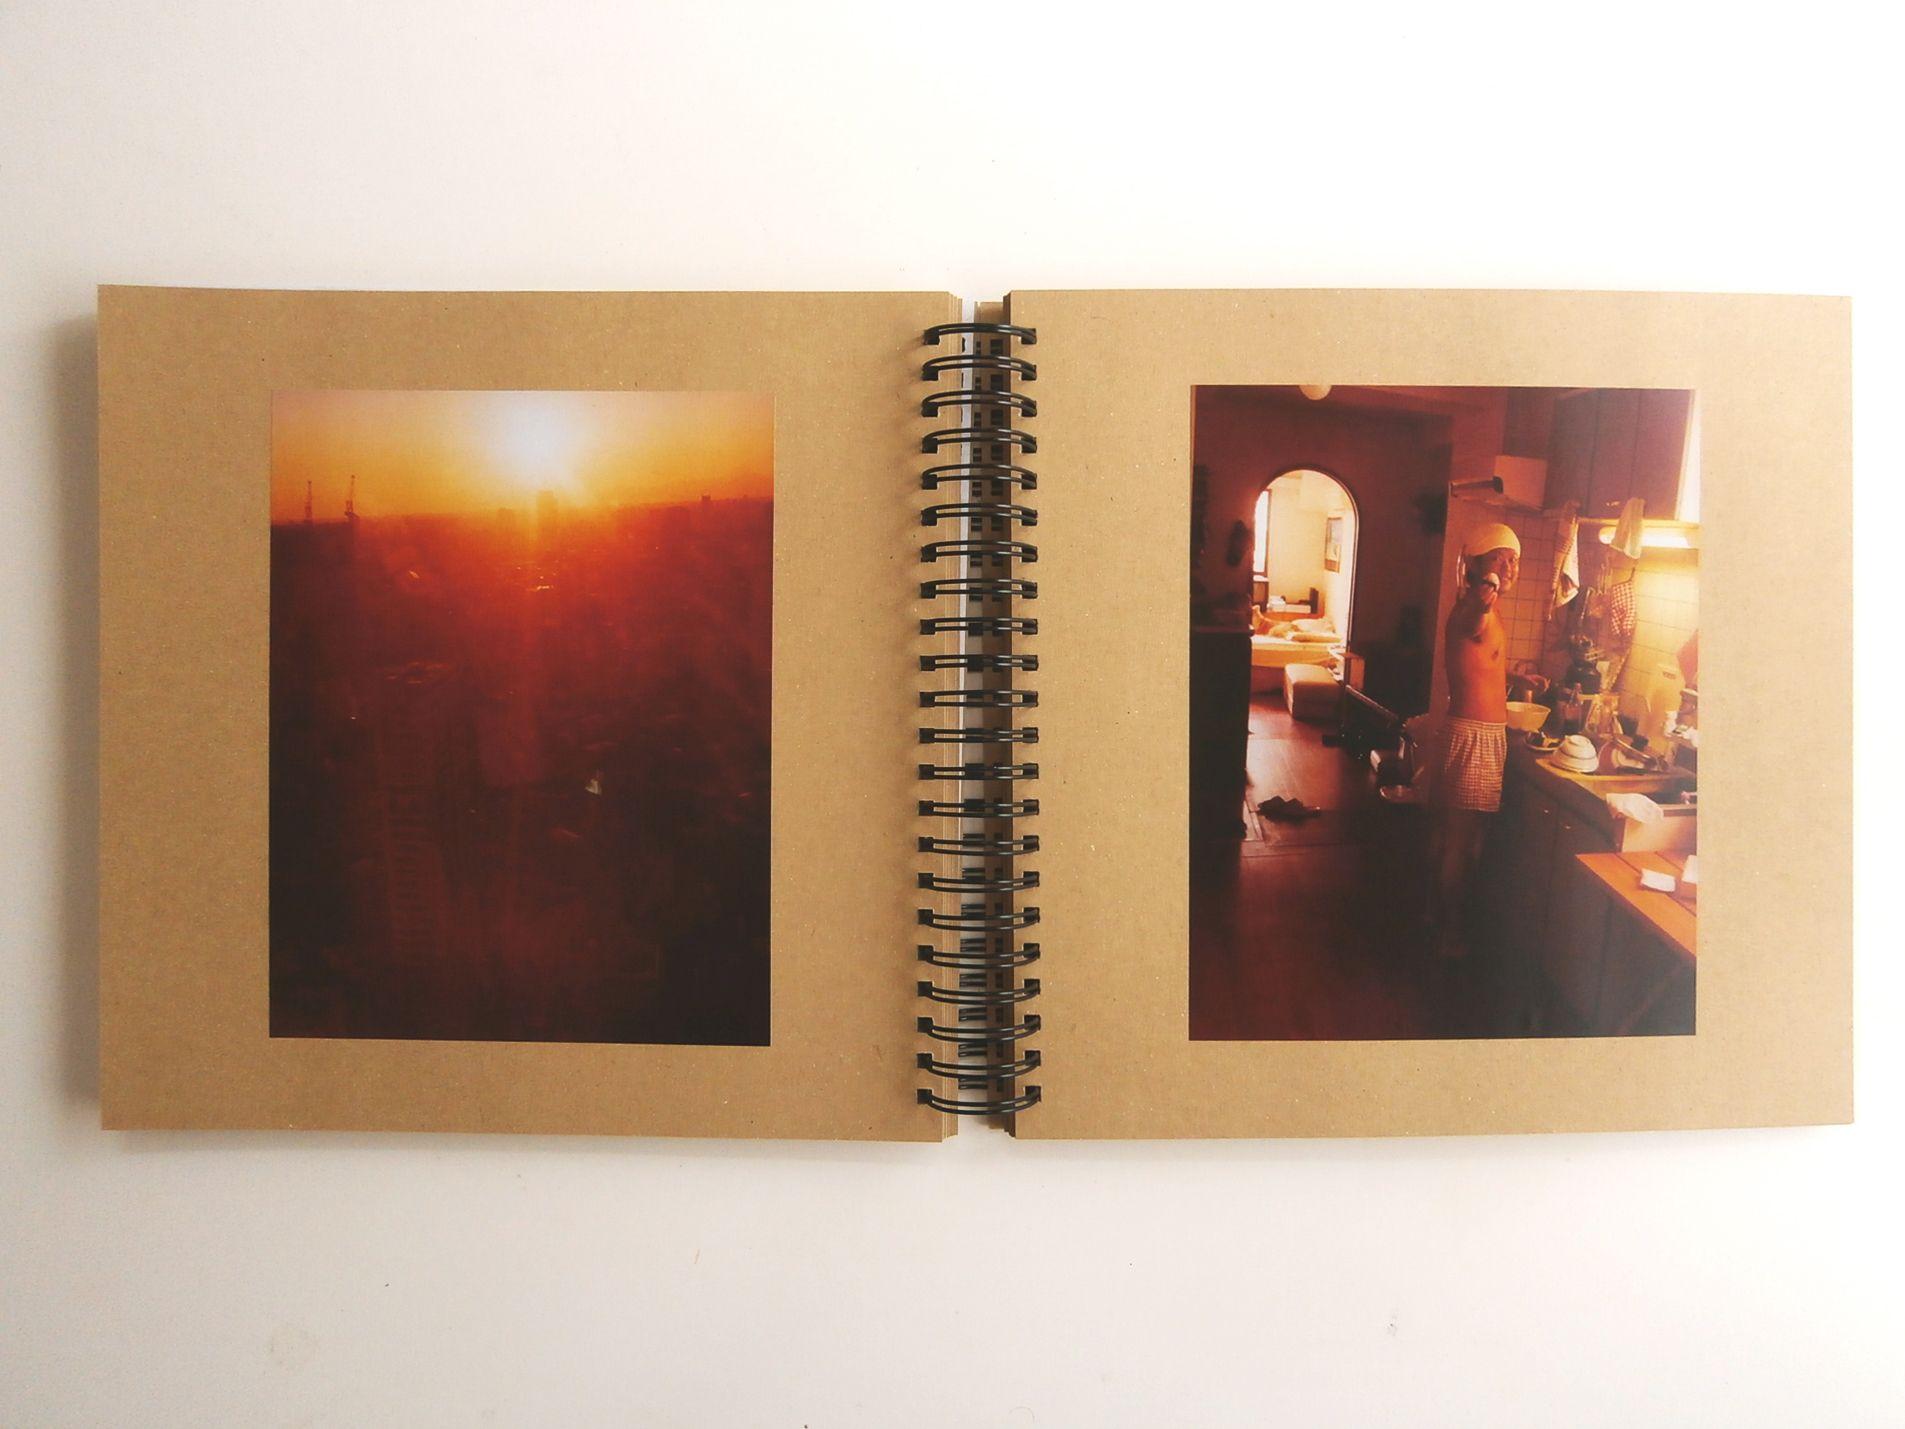 Dildo e Bible di Momo Okabe L'intima ricerca di identità come forma d'arte. http://www.organiconcrete.com/2015/04/21/dildo-e-bible-di-momo-okabe/